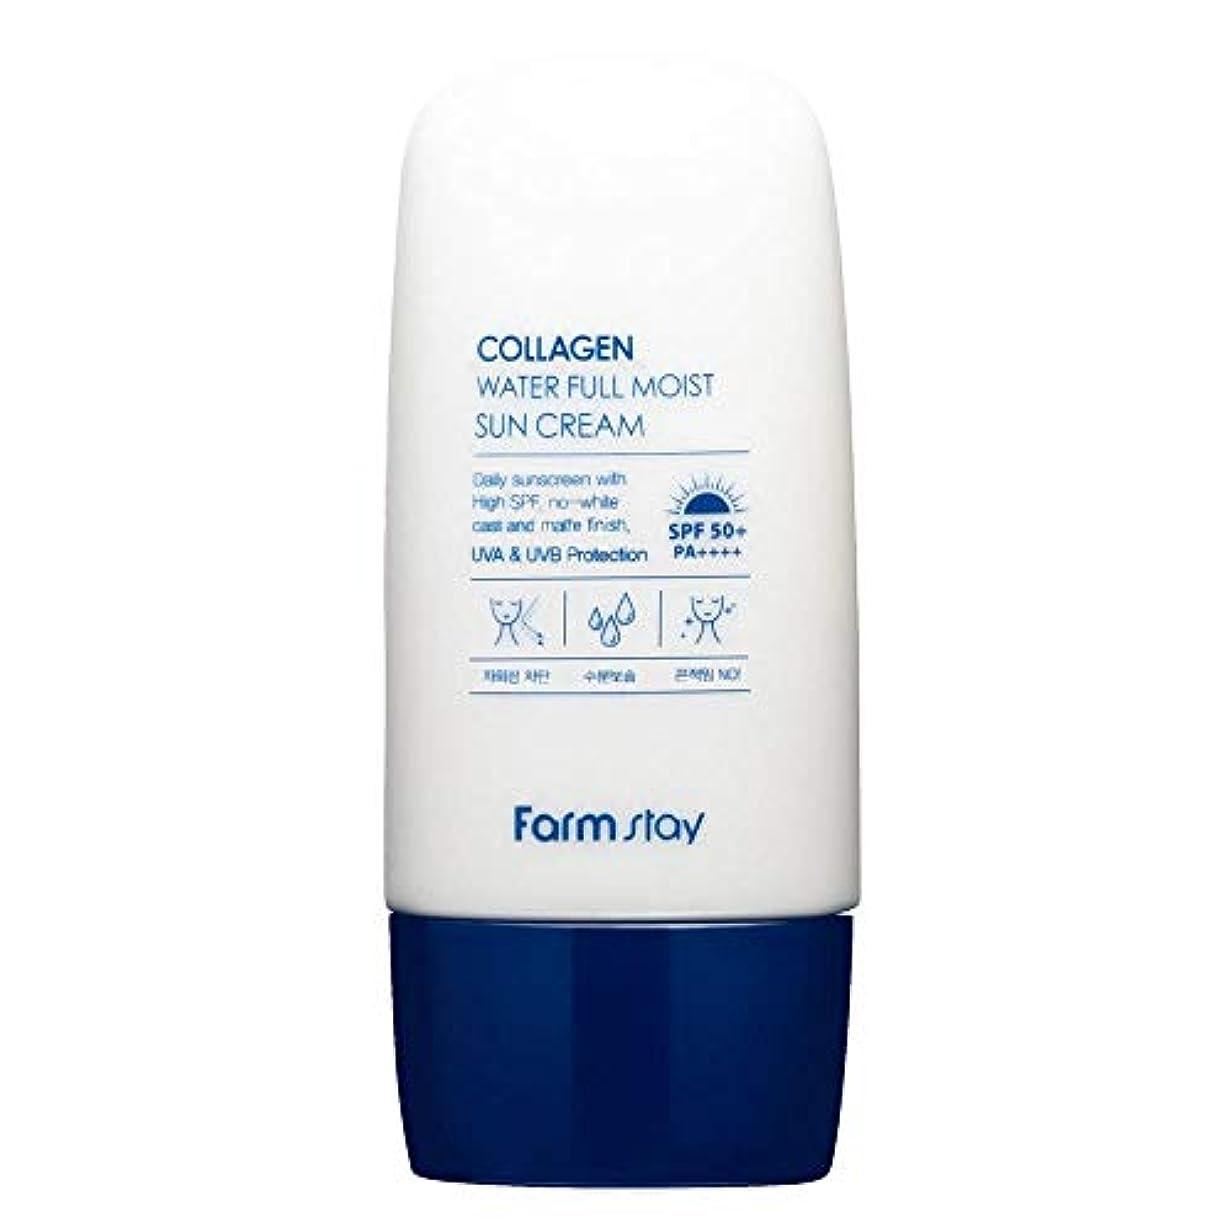 服を着る発掘結婚ファームステイ[Farm Stay] コラーゲンウォーターフルモイストサンクリーム45g / Collagen Water Full Moist Sun Cream